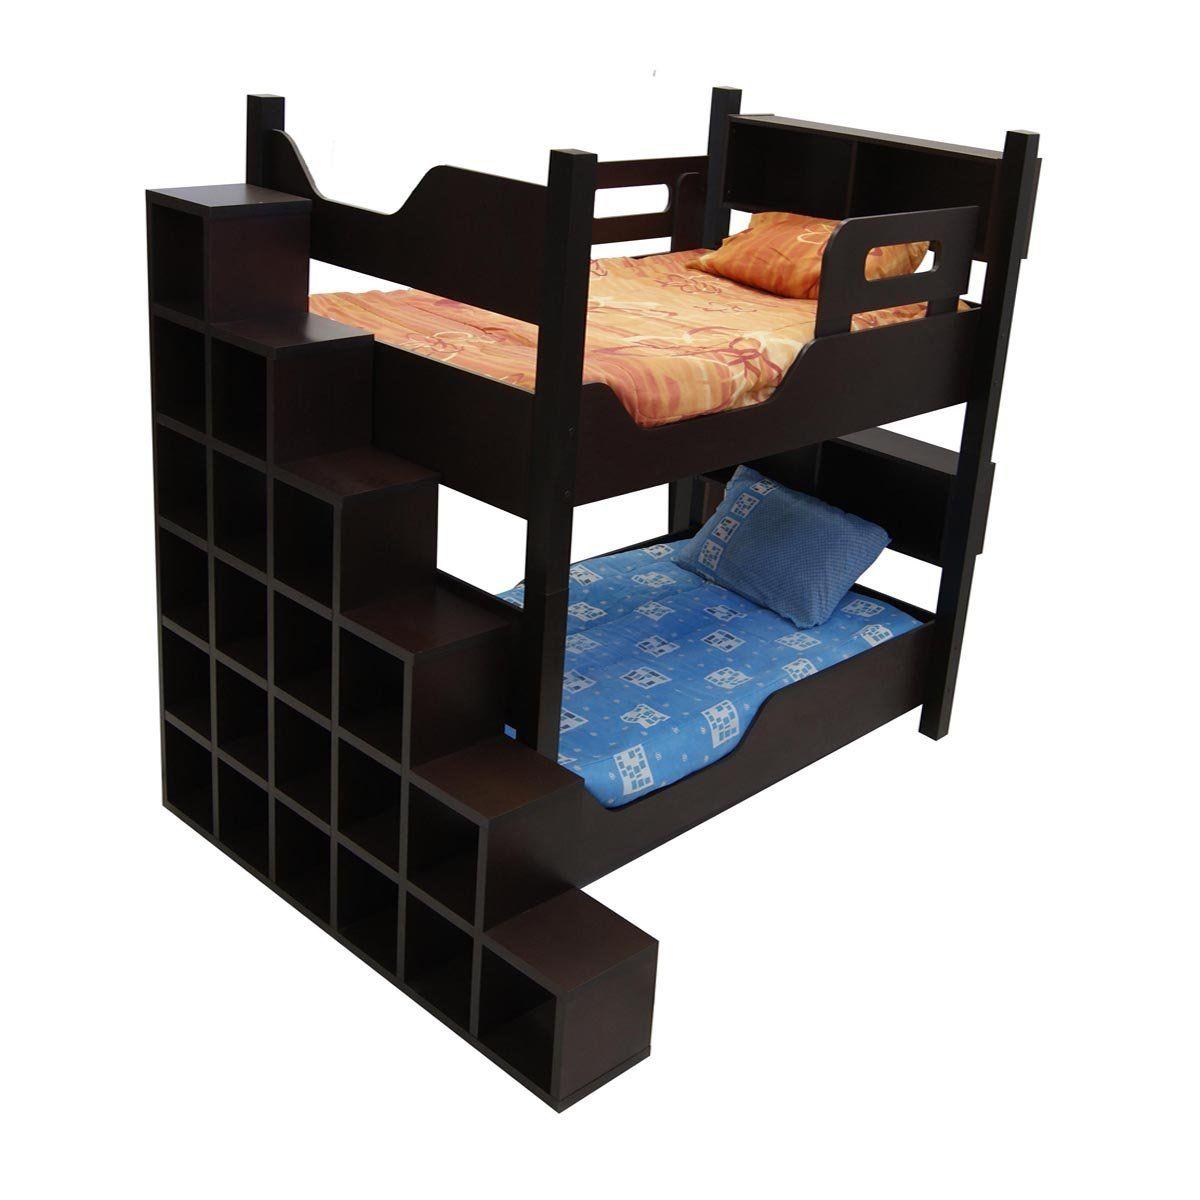 litera escada con 2 camas individuales gemelas sears com mx me entiende camas pinterest. Black Bedroom Furniture Sets. Home Design Ideas